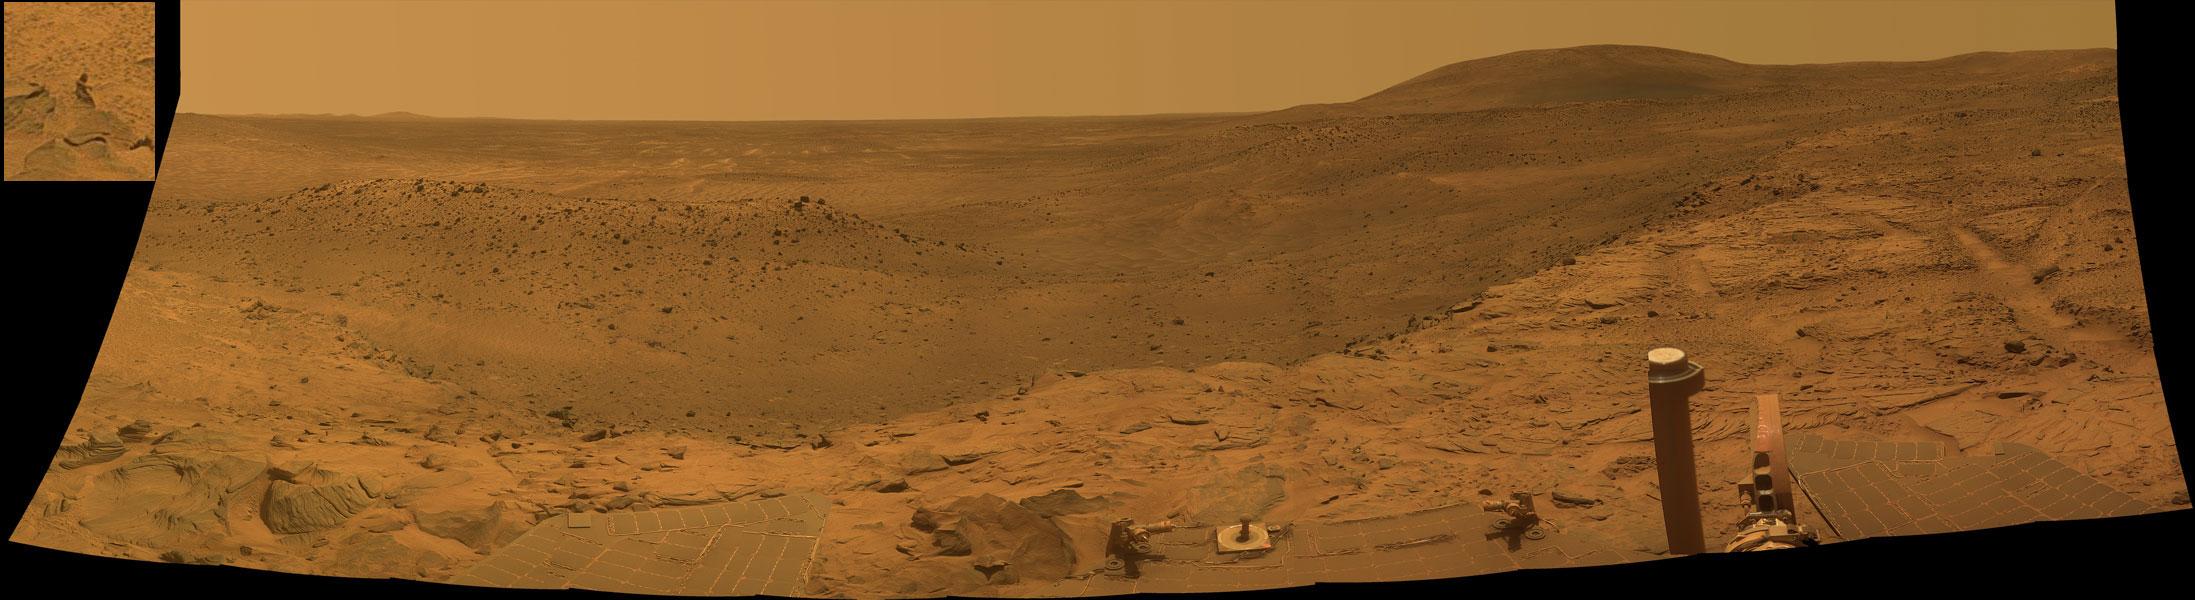 Panorámica del West Valley desde el rover Spirit en Marte